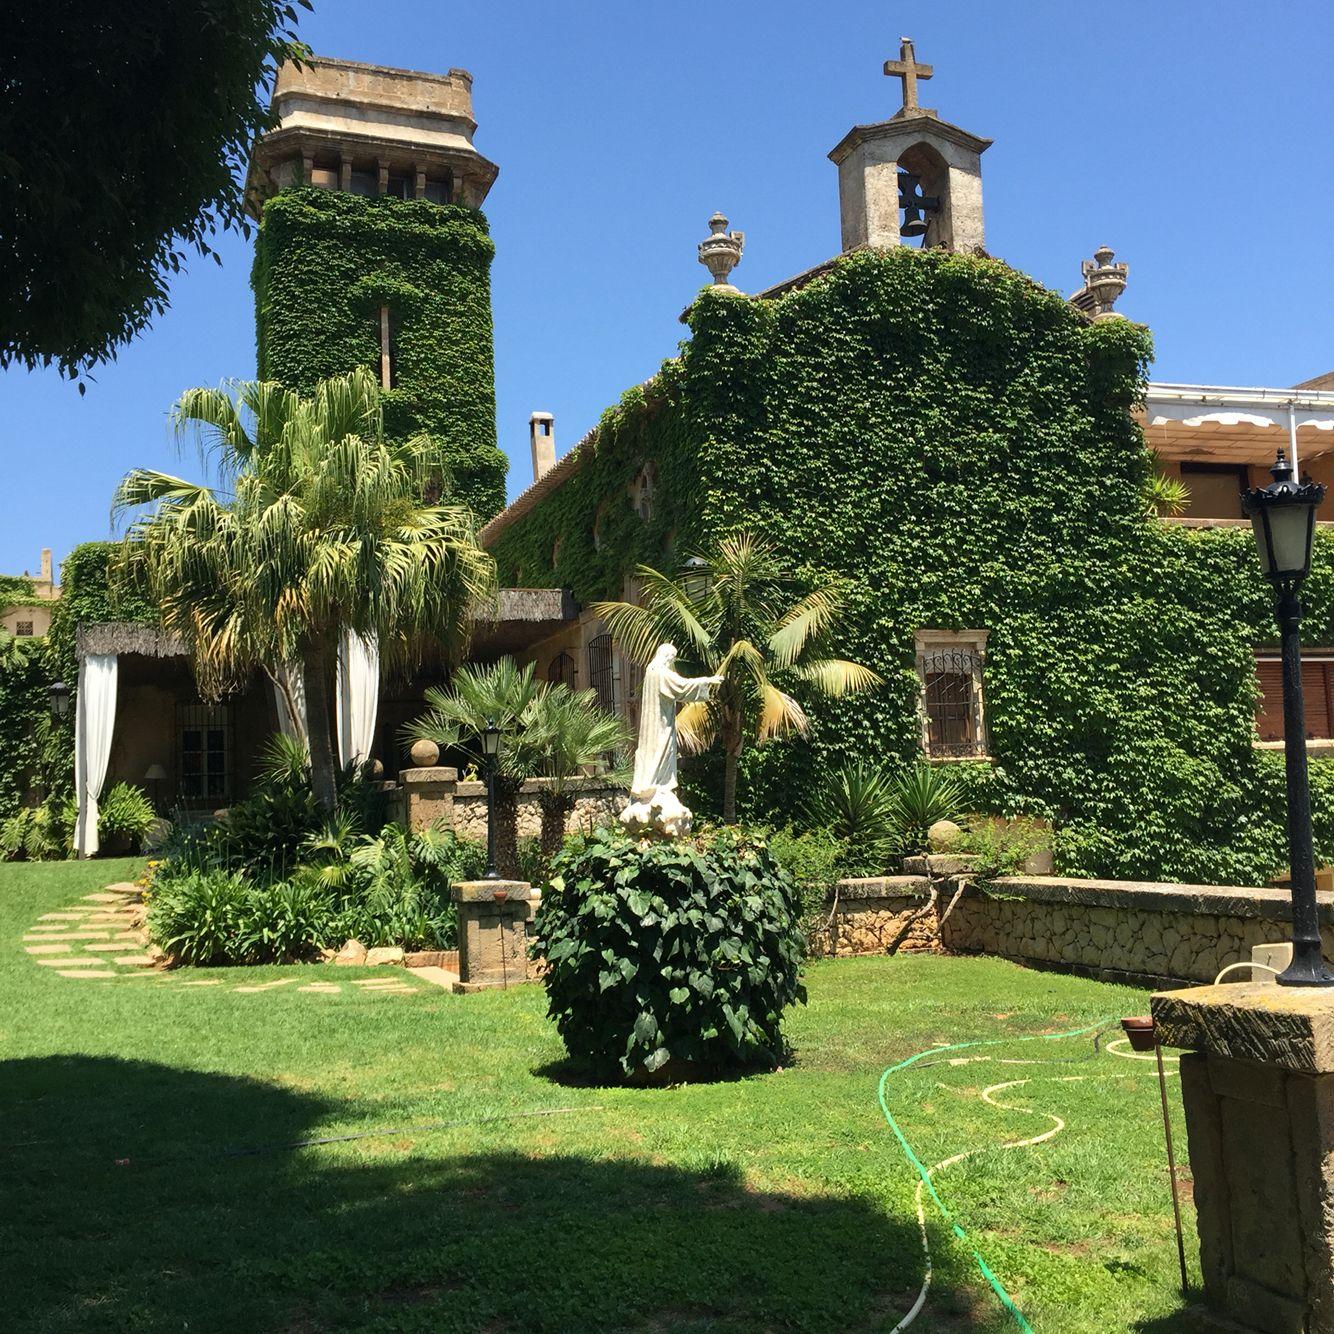 Casa Santonja Beniarbeig Alicante Wedding Spain Costa Blanca Venues